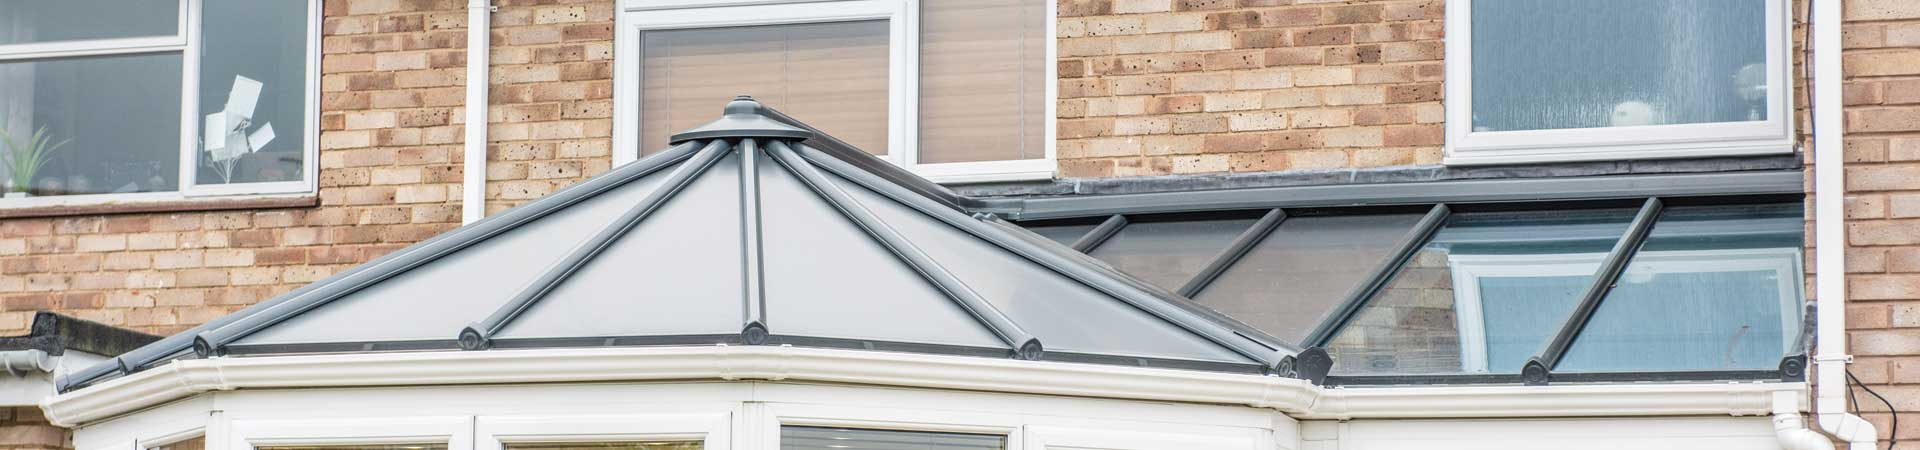 ultra frame livin roof image